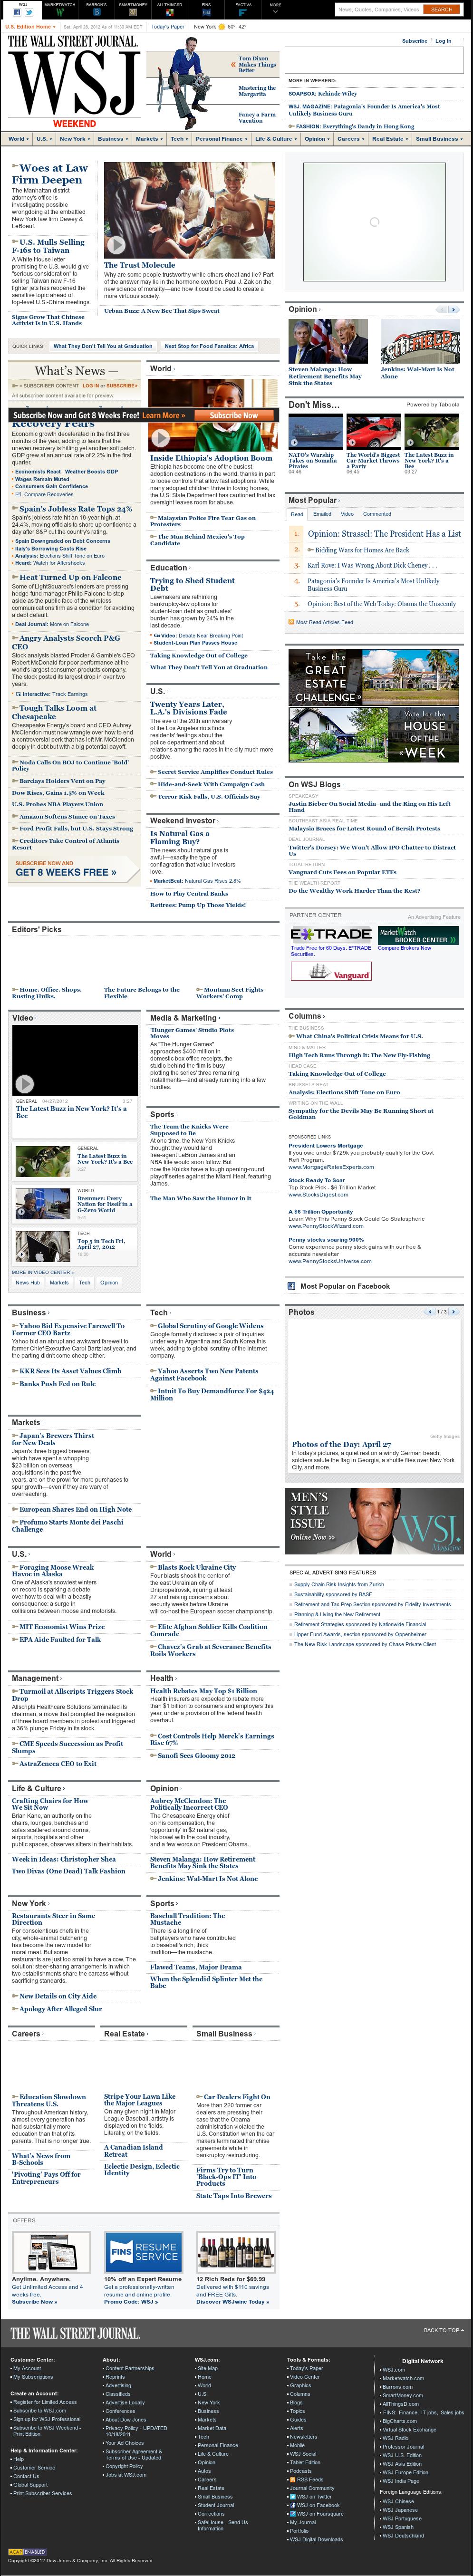 The Wall Street Journal at Saturday April 28, 2012, 3:32 p.m. UTC